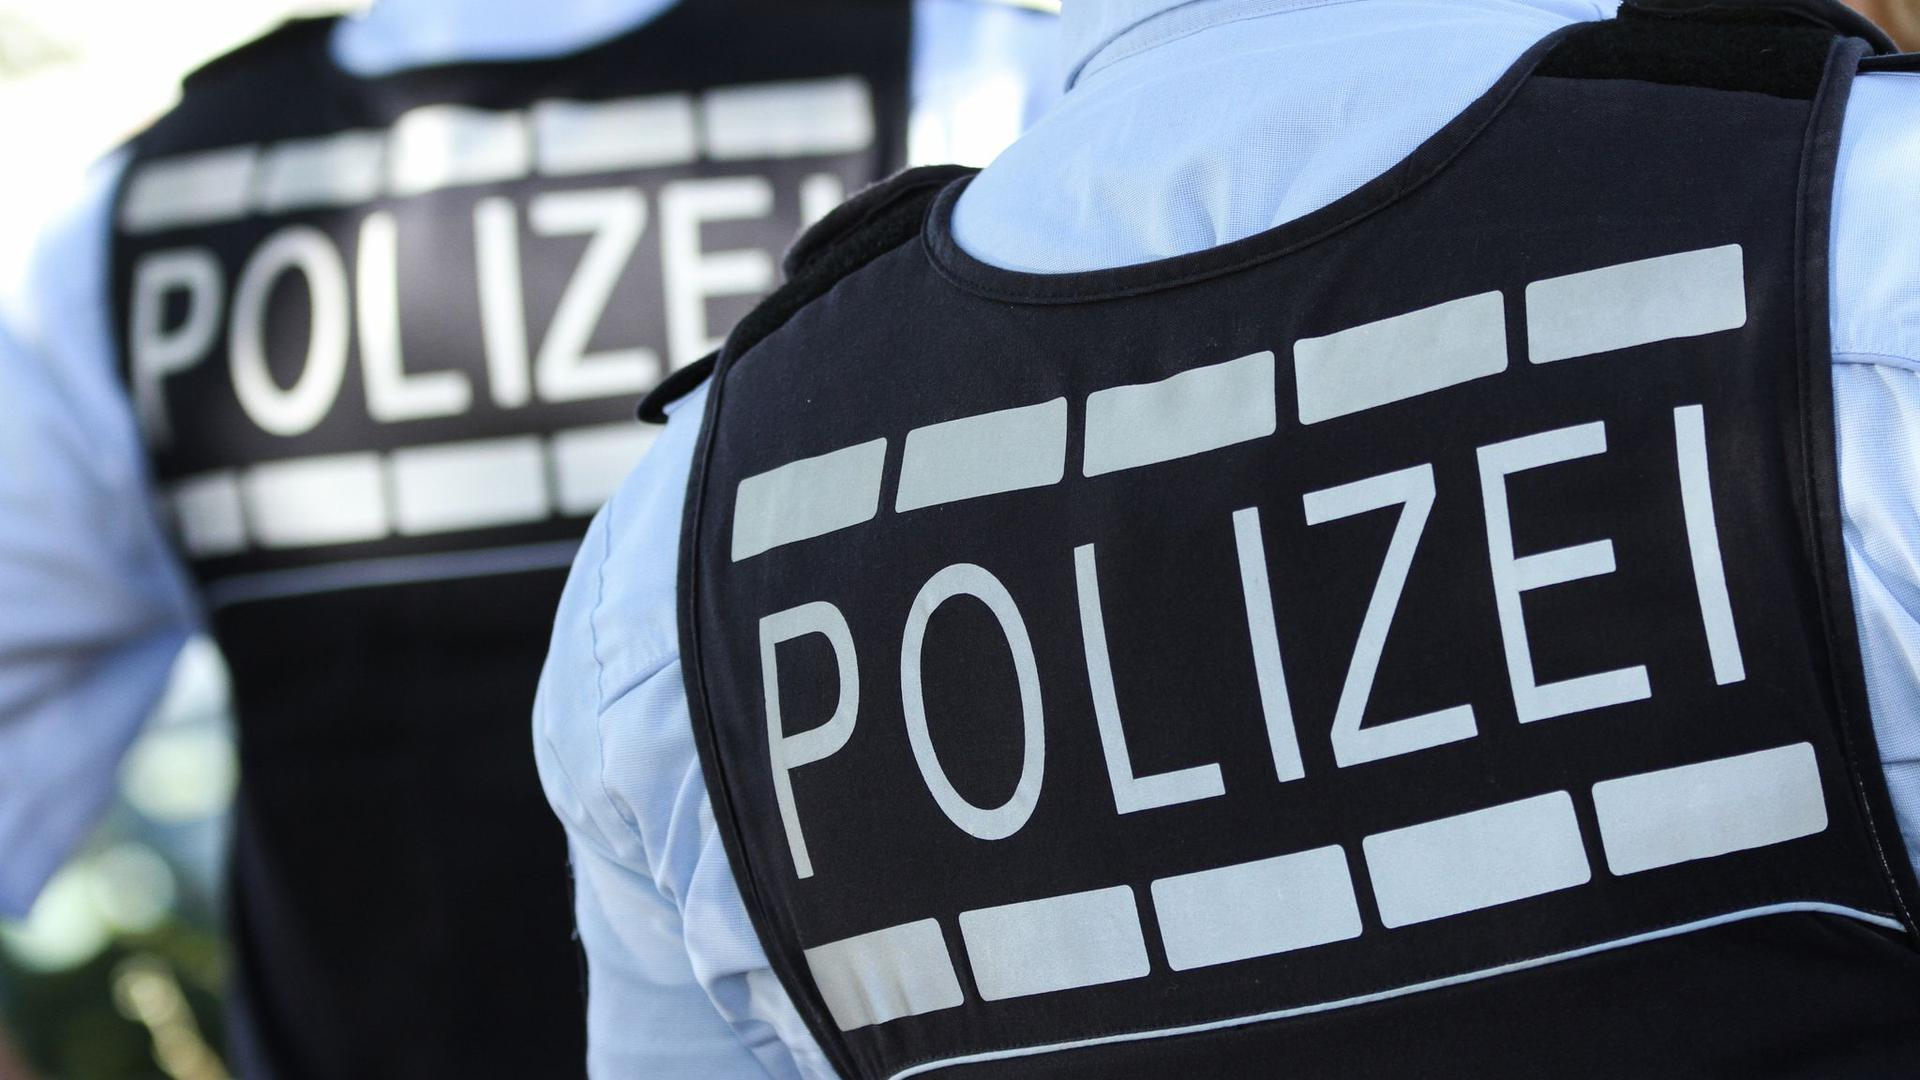 In Polizei-Westen gekleidete Polizisten.